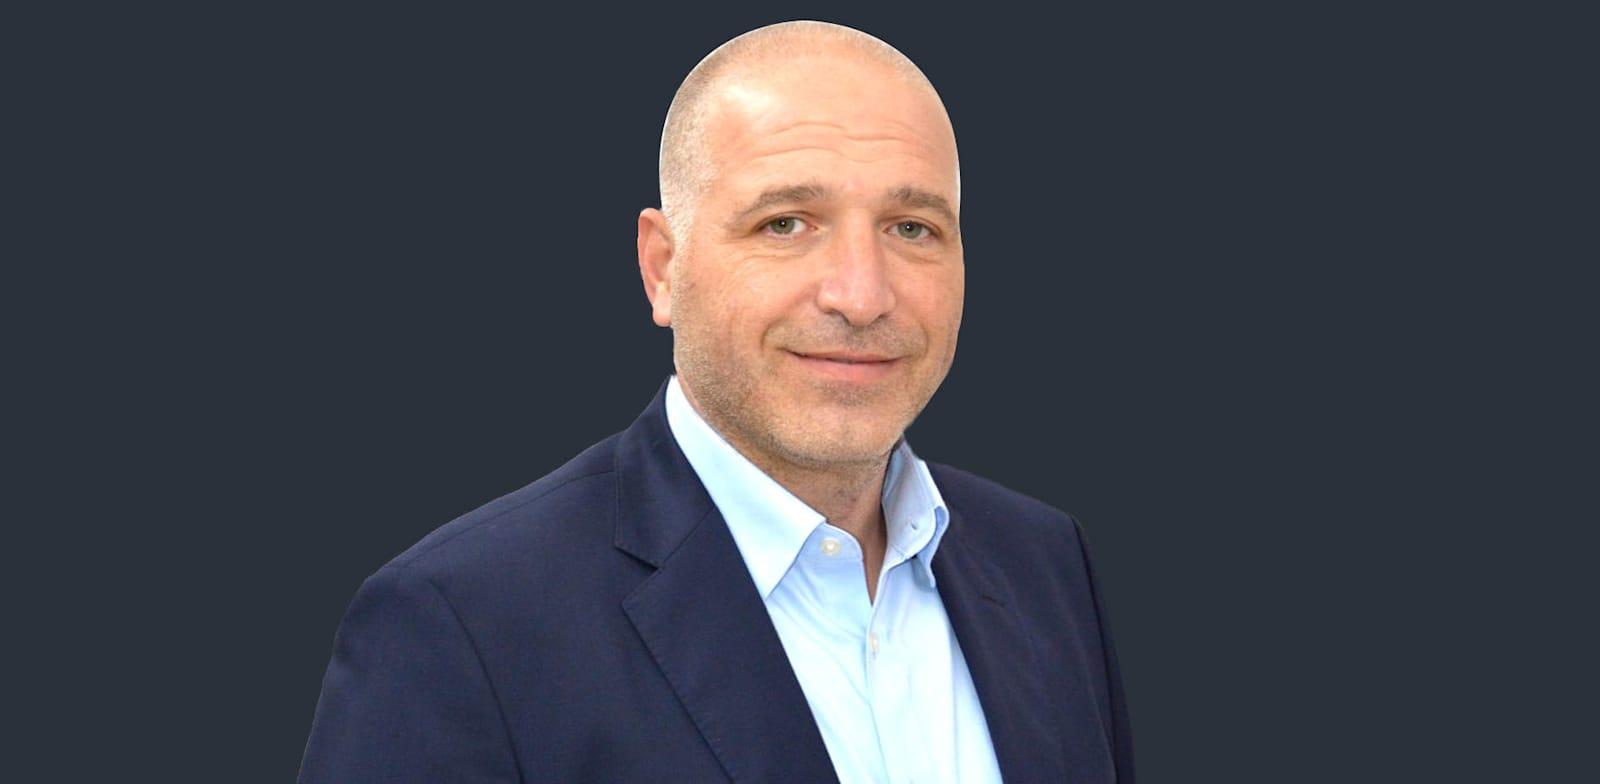 """ברק פלאצ'י, מנכ""""ל סטבה ביוטק / צילום: יח""""צ"""